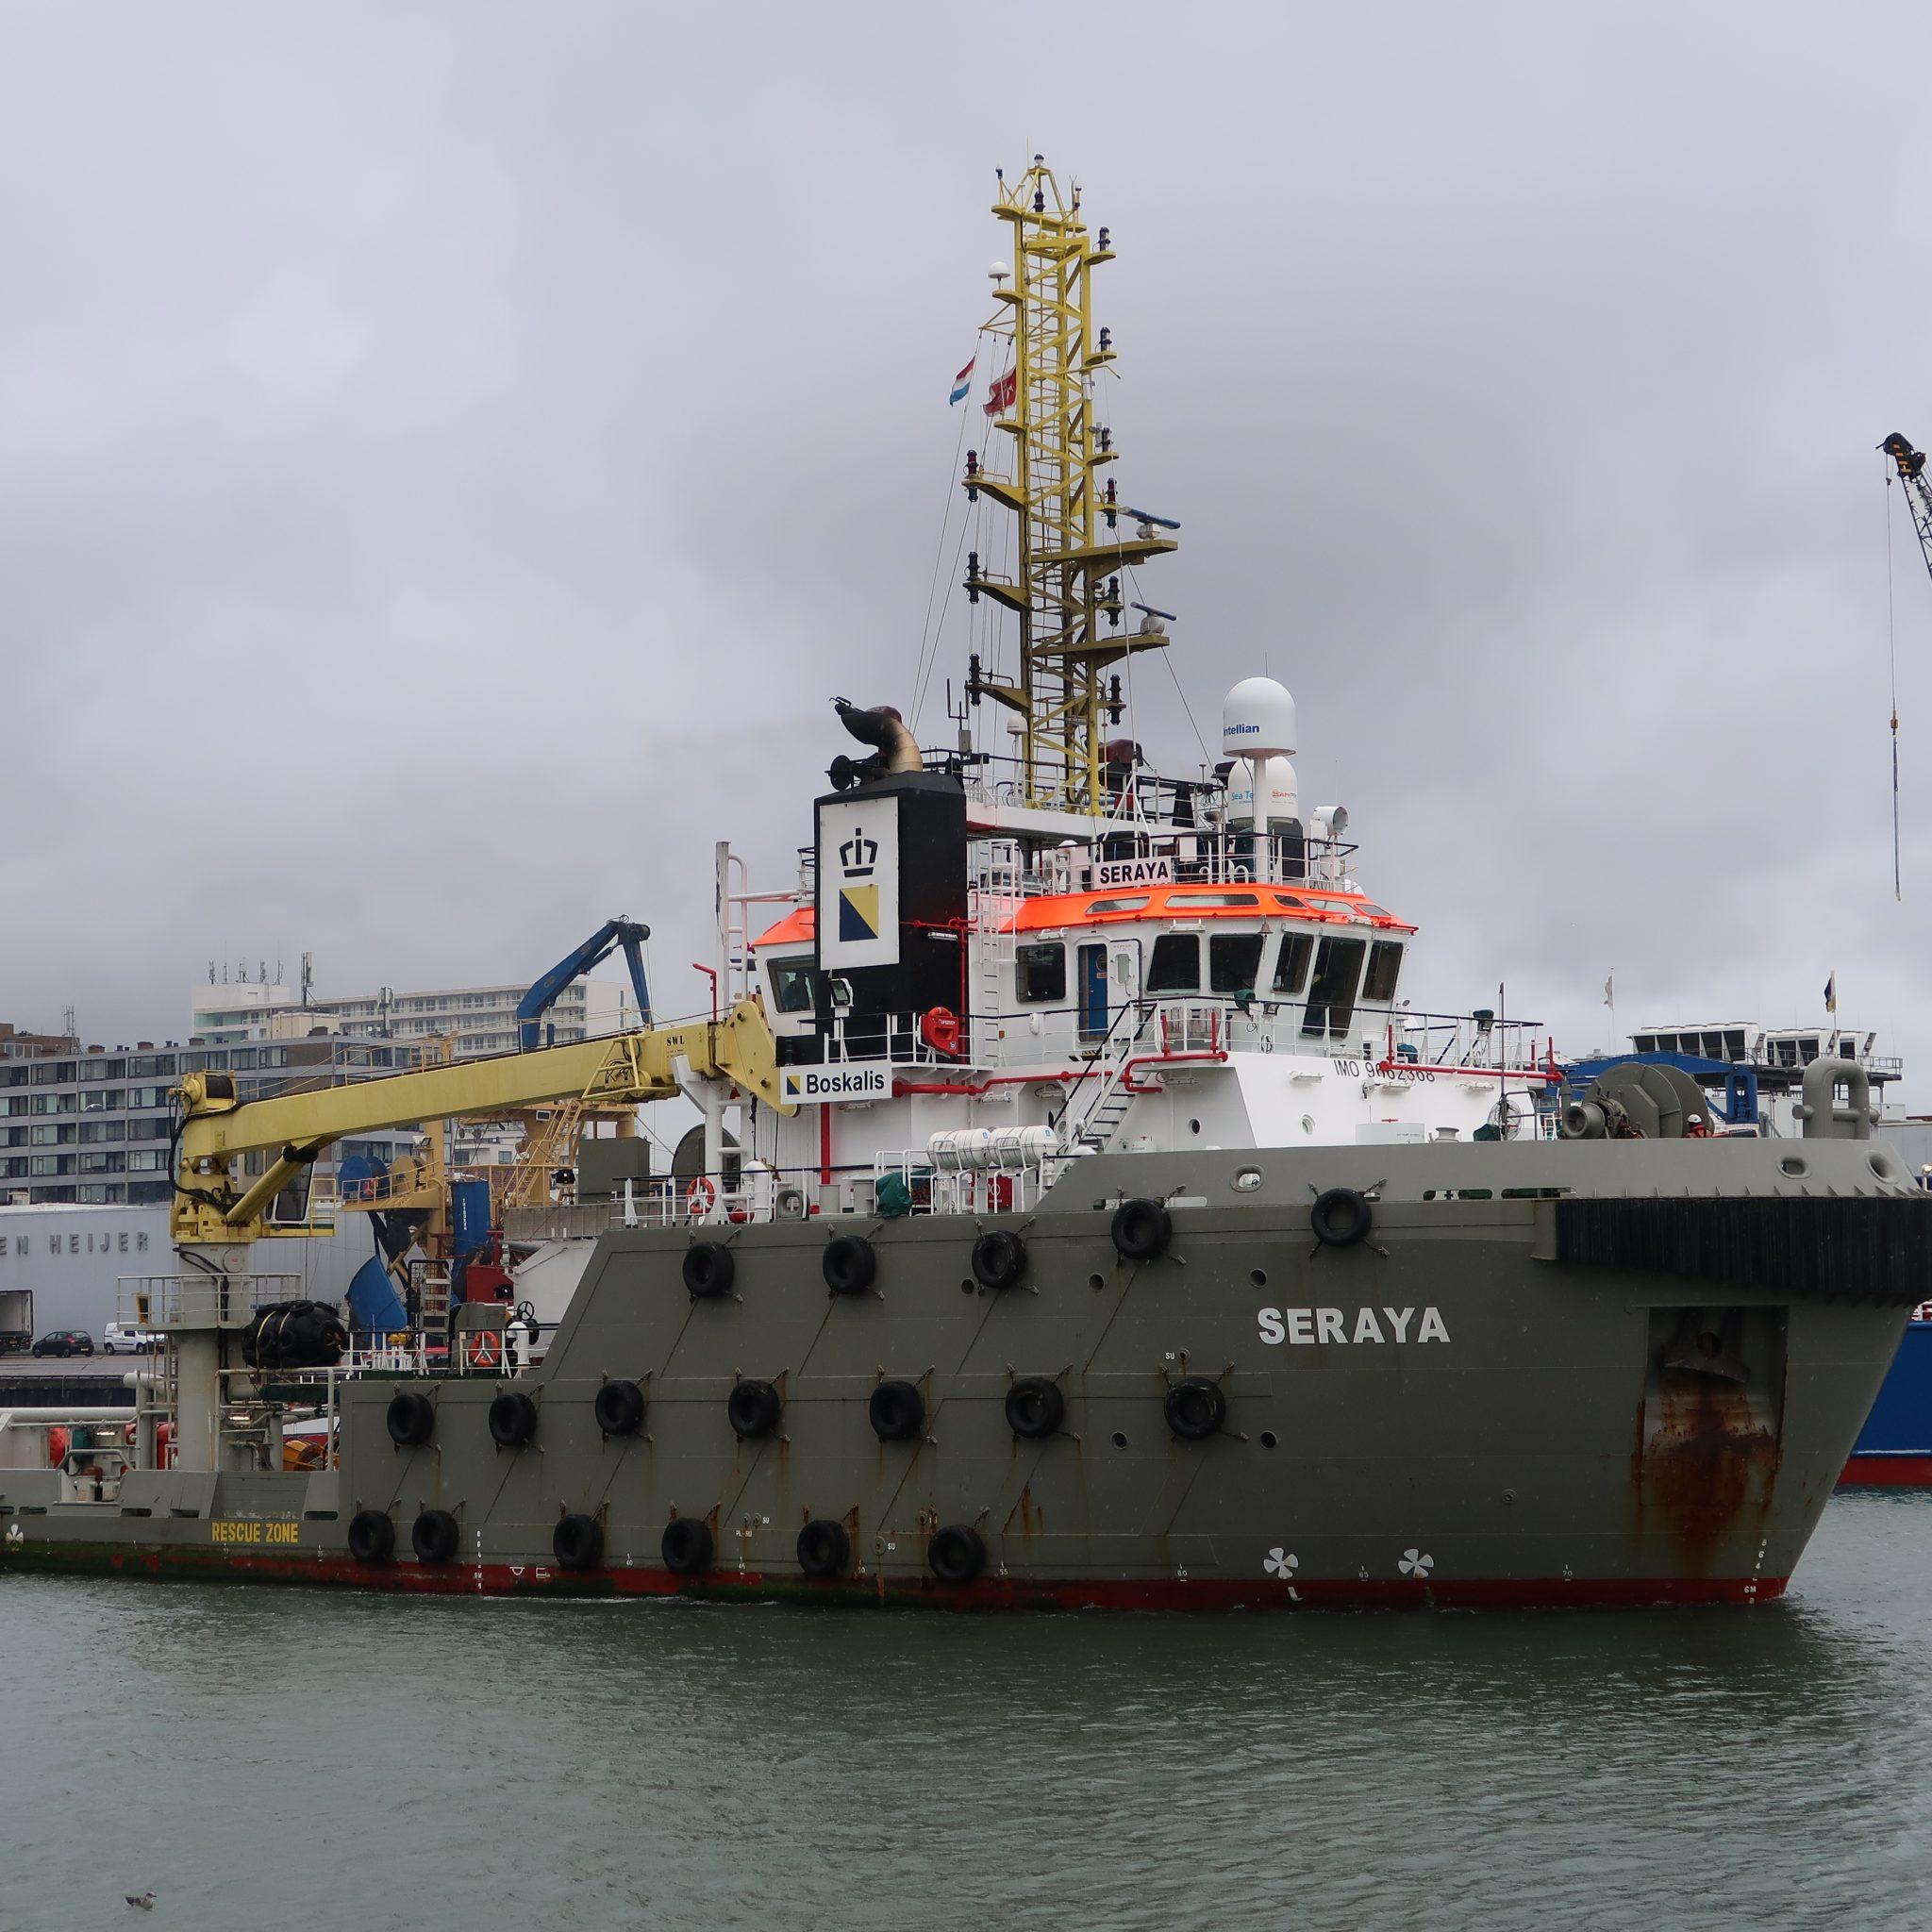 Na te hebben gebunkerd verlaat de Seraya de haven van Scheveningen. (Foto W.M. den Heijer)